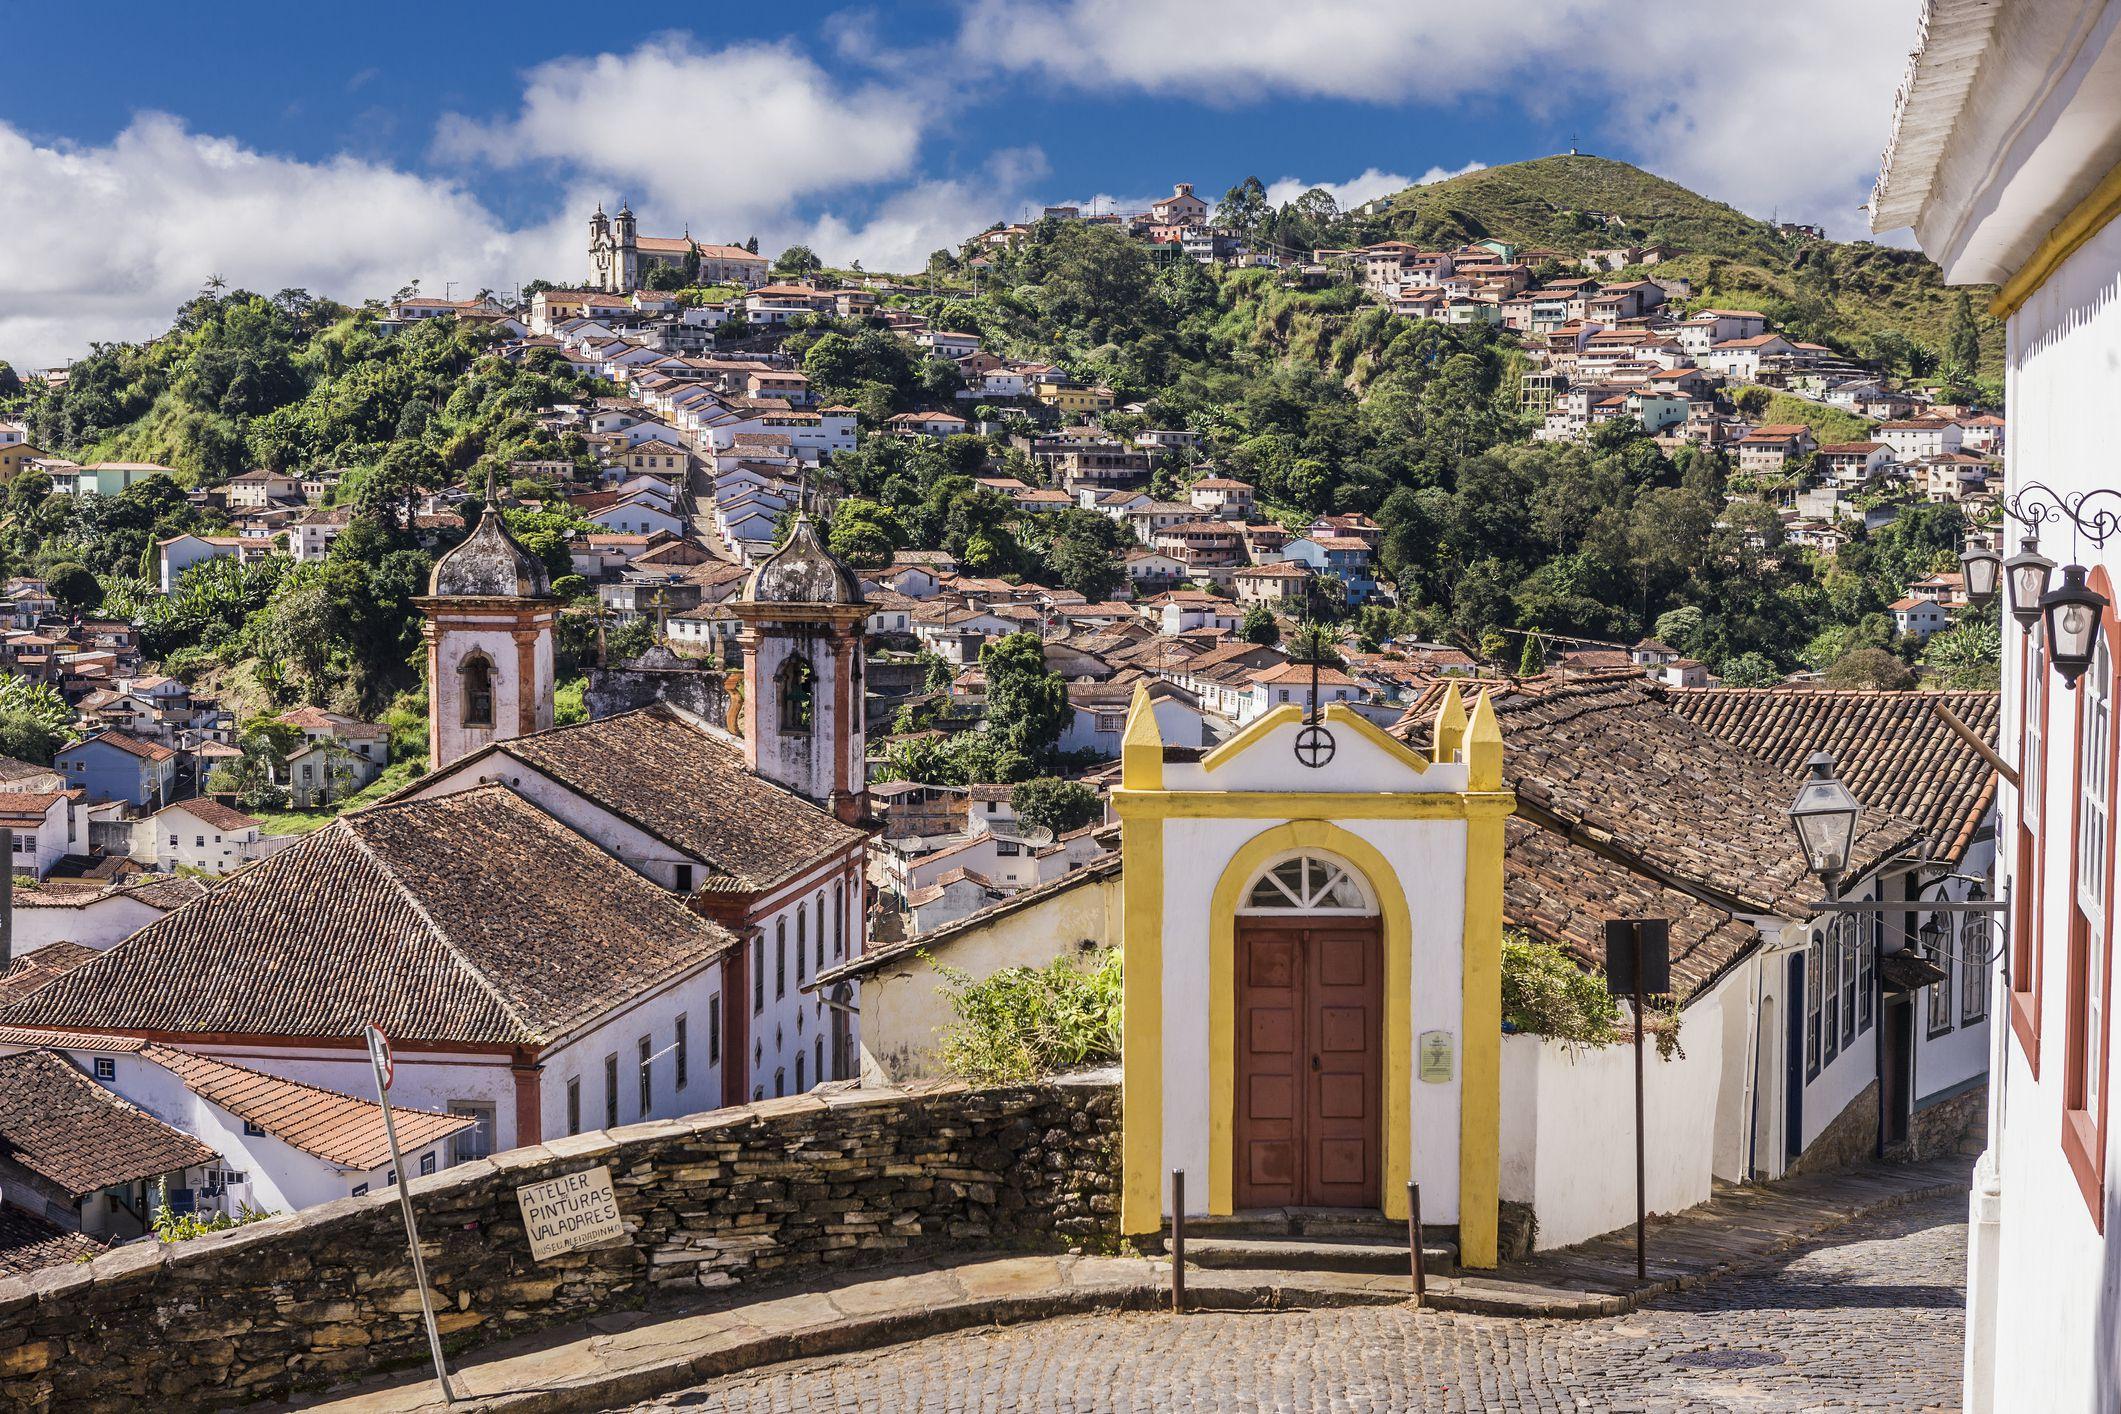 Brazil, Minas Gerais, Ouro Preto. São Francisco de Assis Church